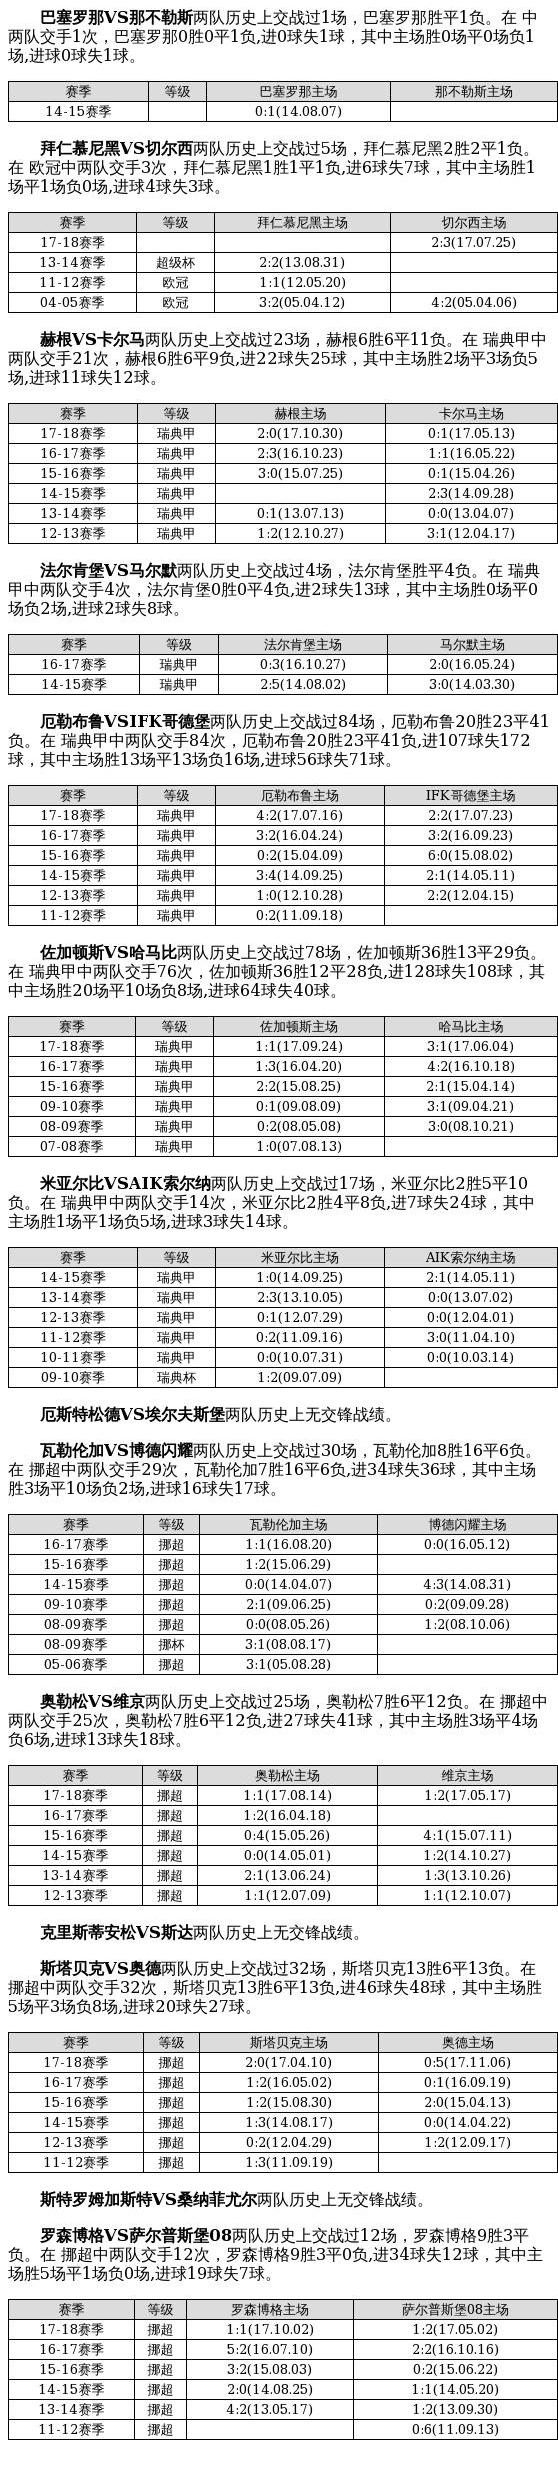 中国足球彩票20021期胜负游戏14场交战记录